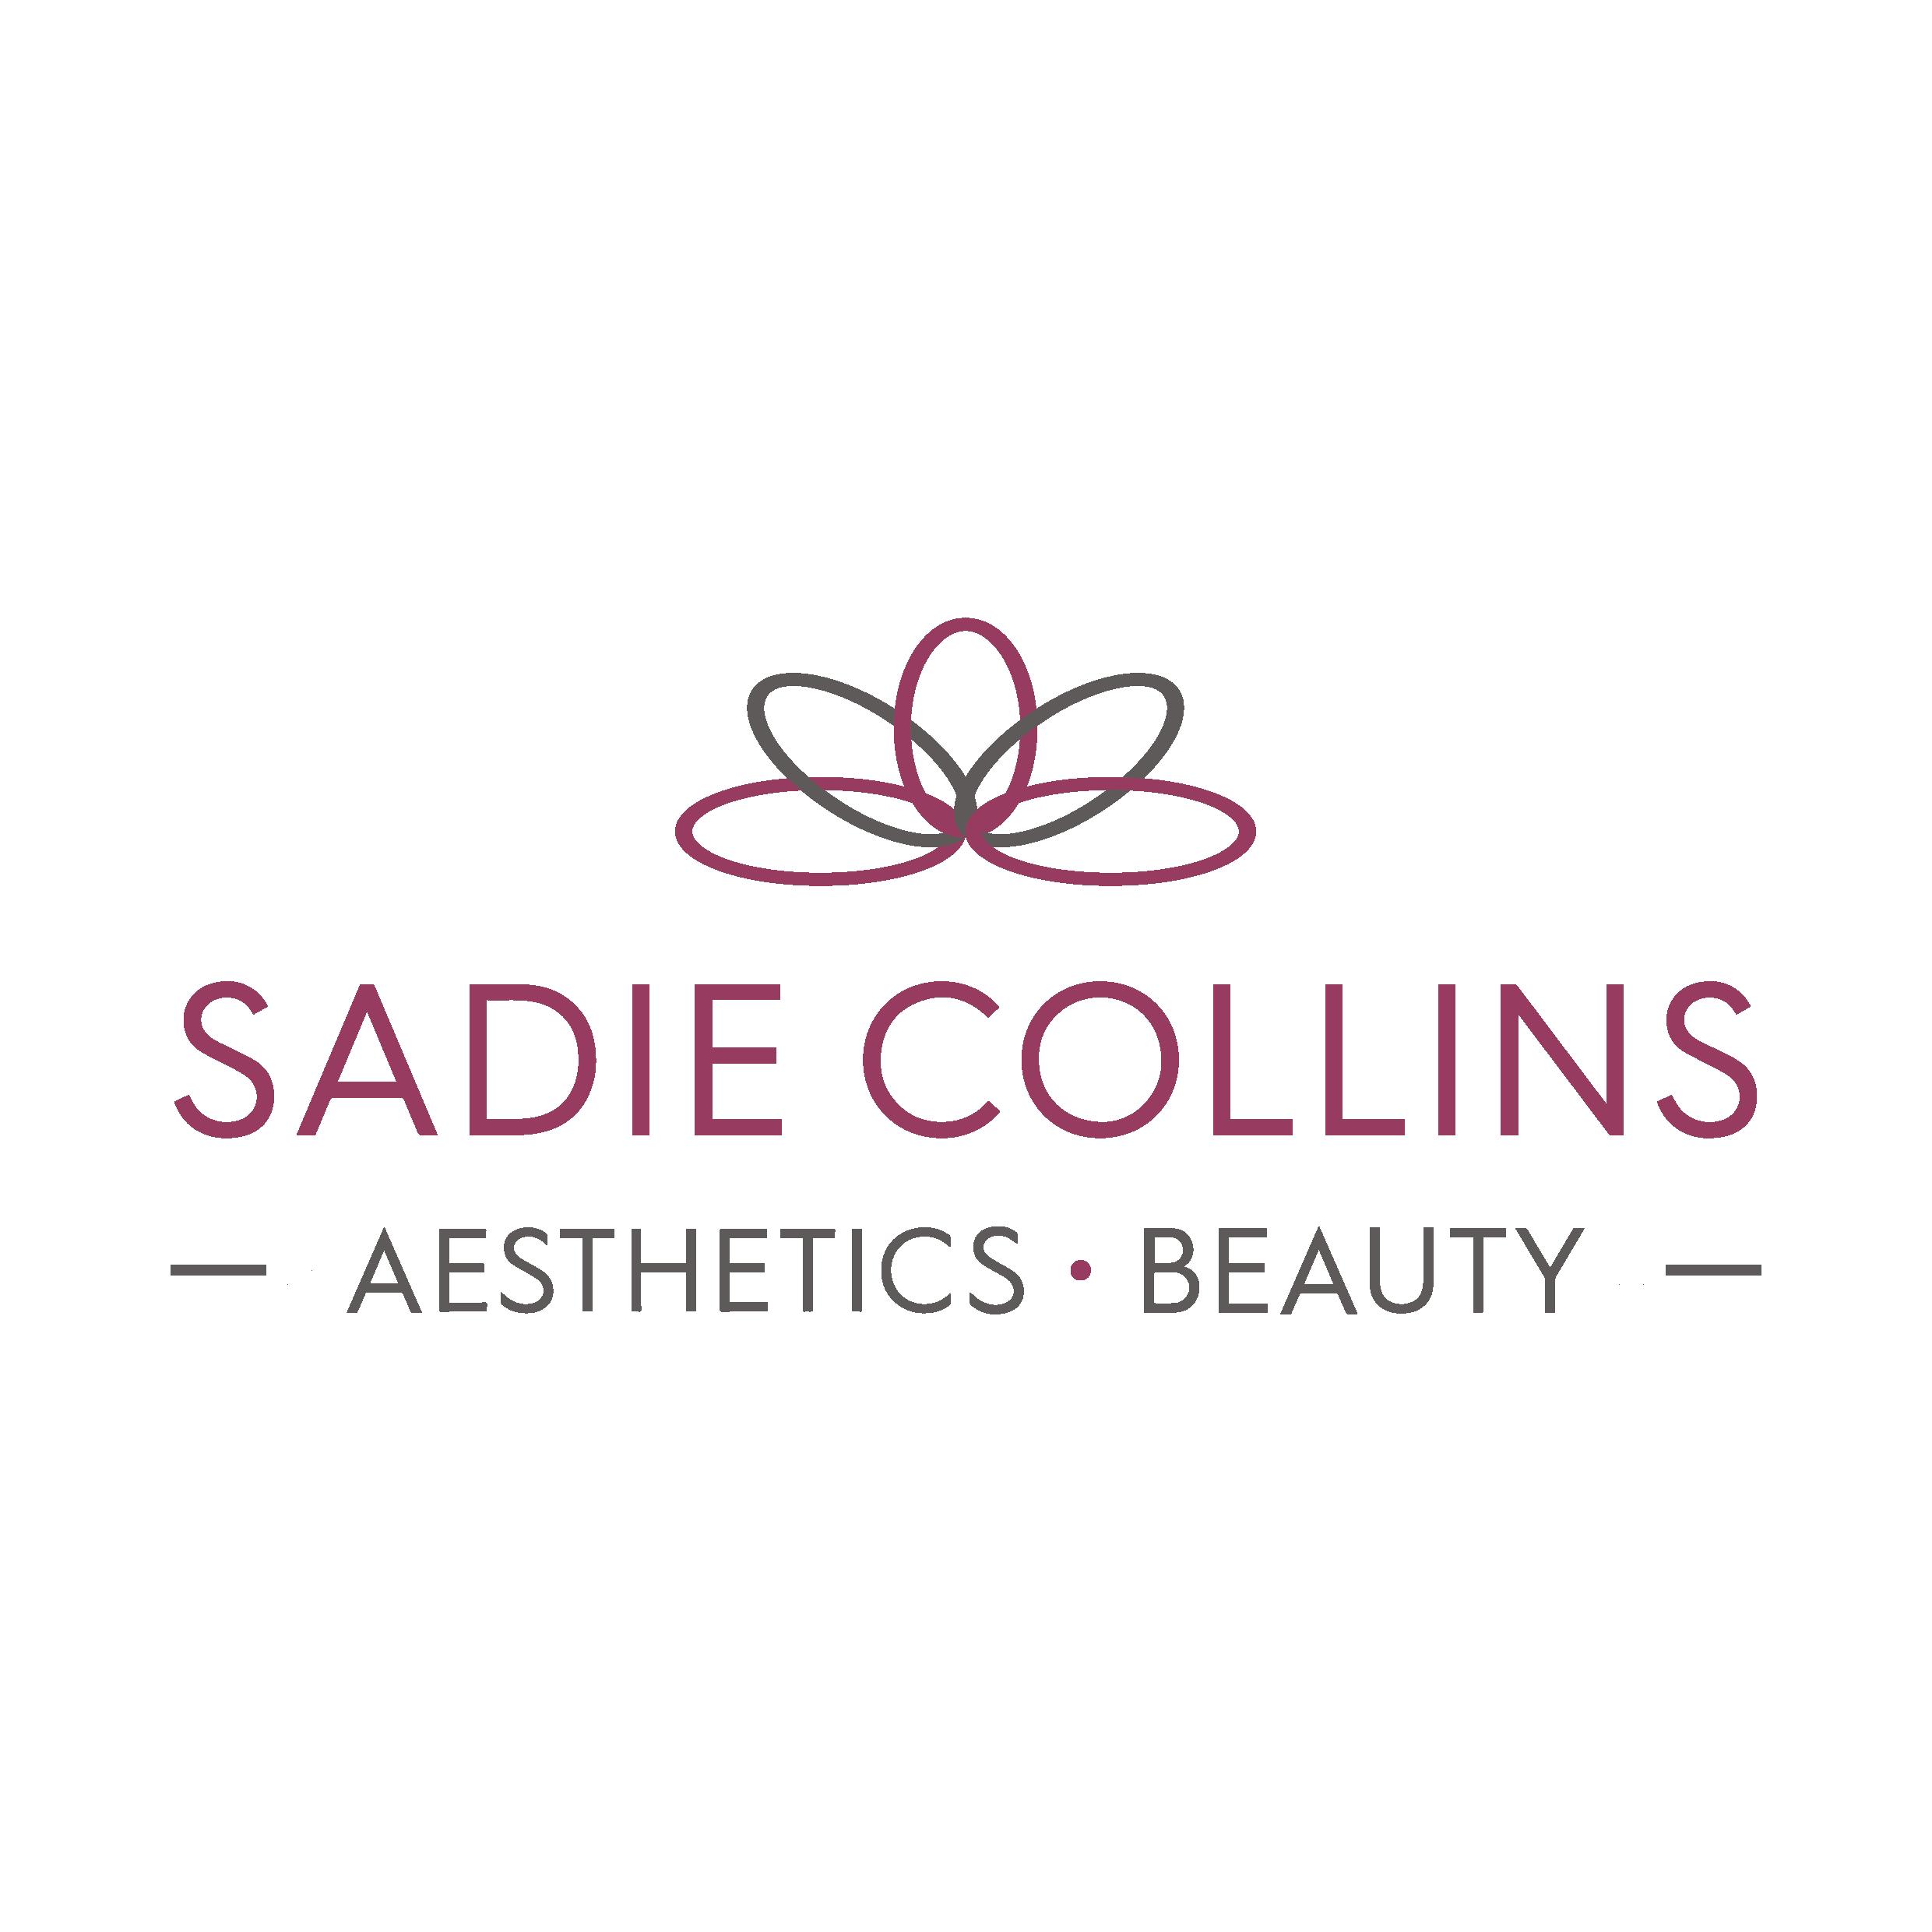 Sadie Collins Aesthetics Beauty